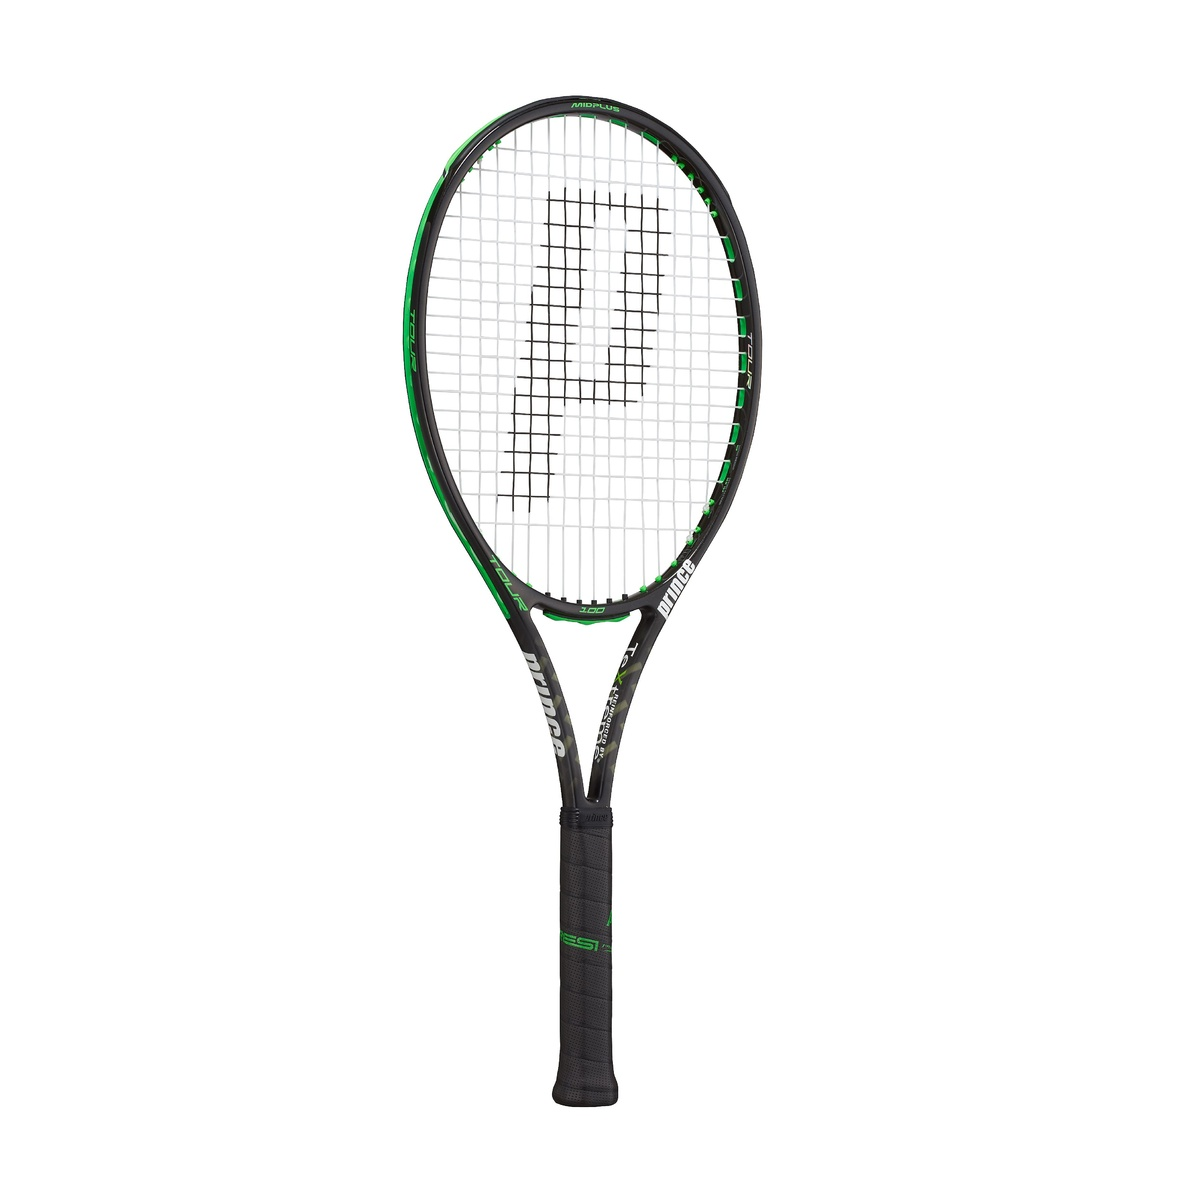 プリンス 【フレームのみ】テニス フレームラケット 7TJ077 TOUR O3 100 (310) PRINCE 【送料無料】 PRINCE (プリンス) 【フレームのみ】テニス フレームラケット 7TJ077 TOUR O3 100 (310) BLK/GRN 7TJ077